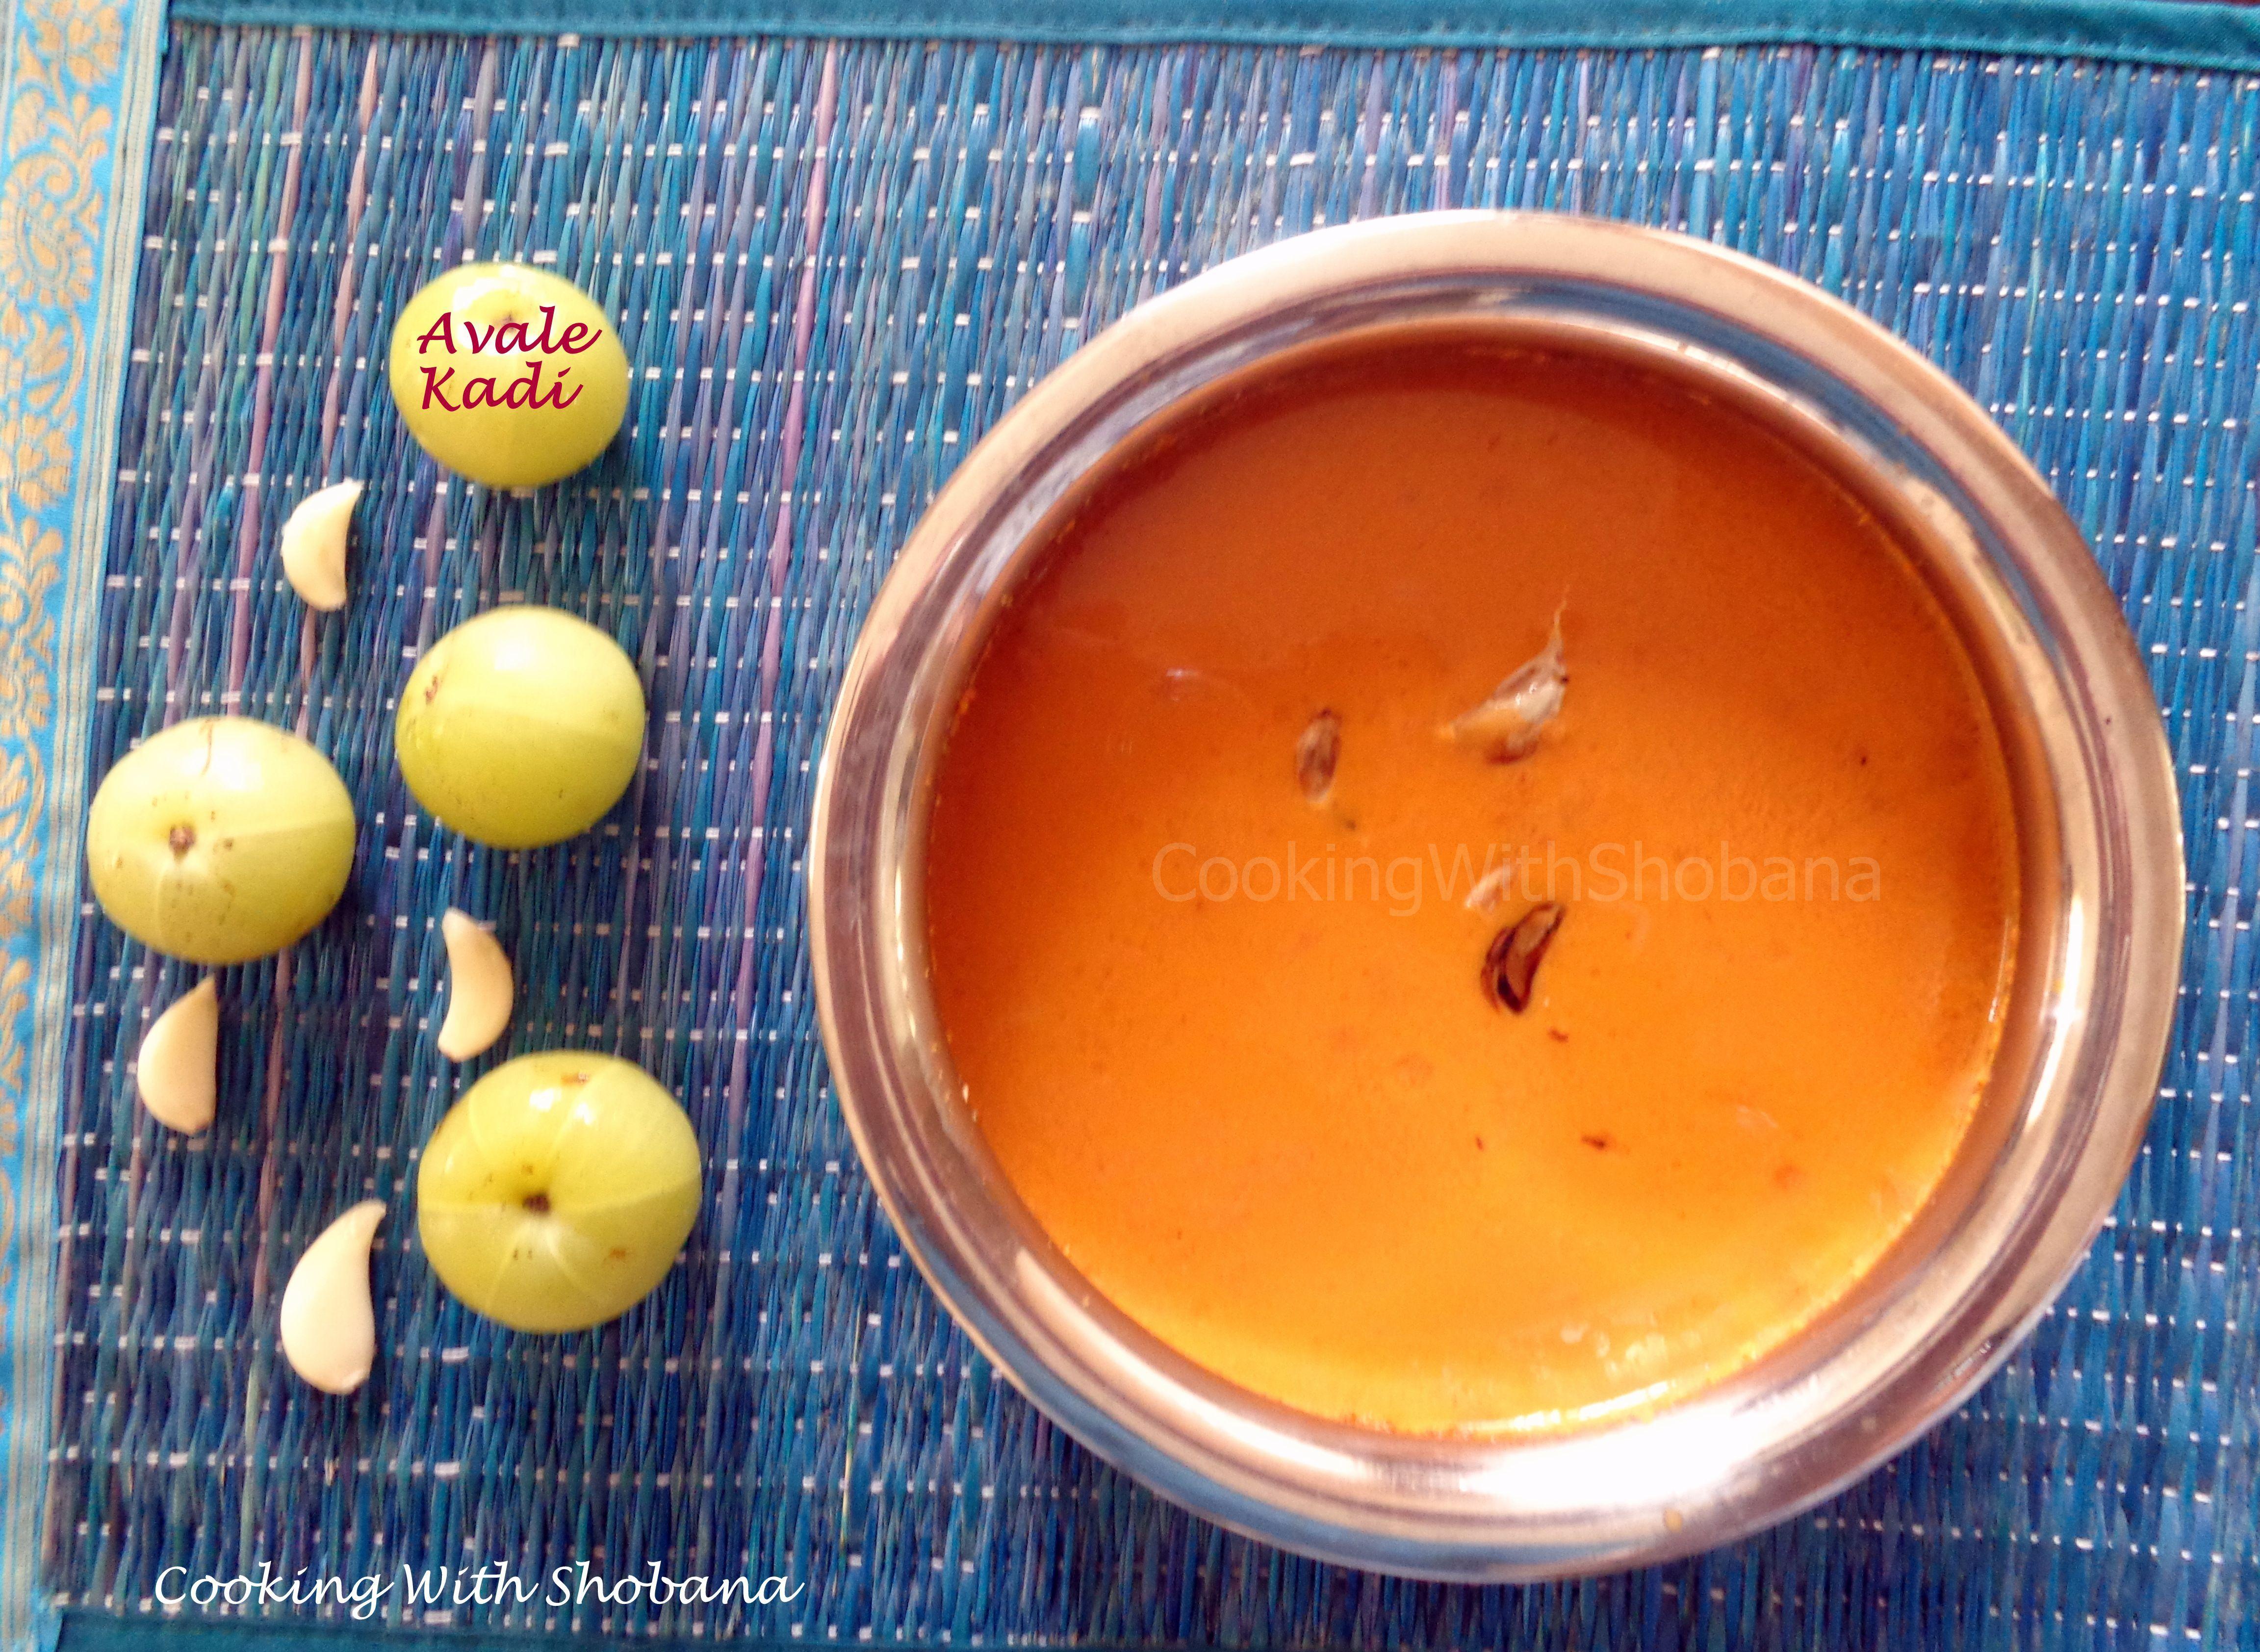 AVALE KADI Food, Cooking, Fruit